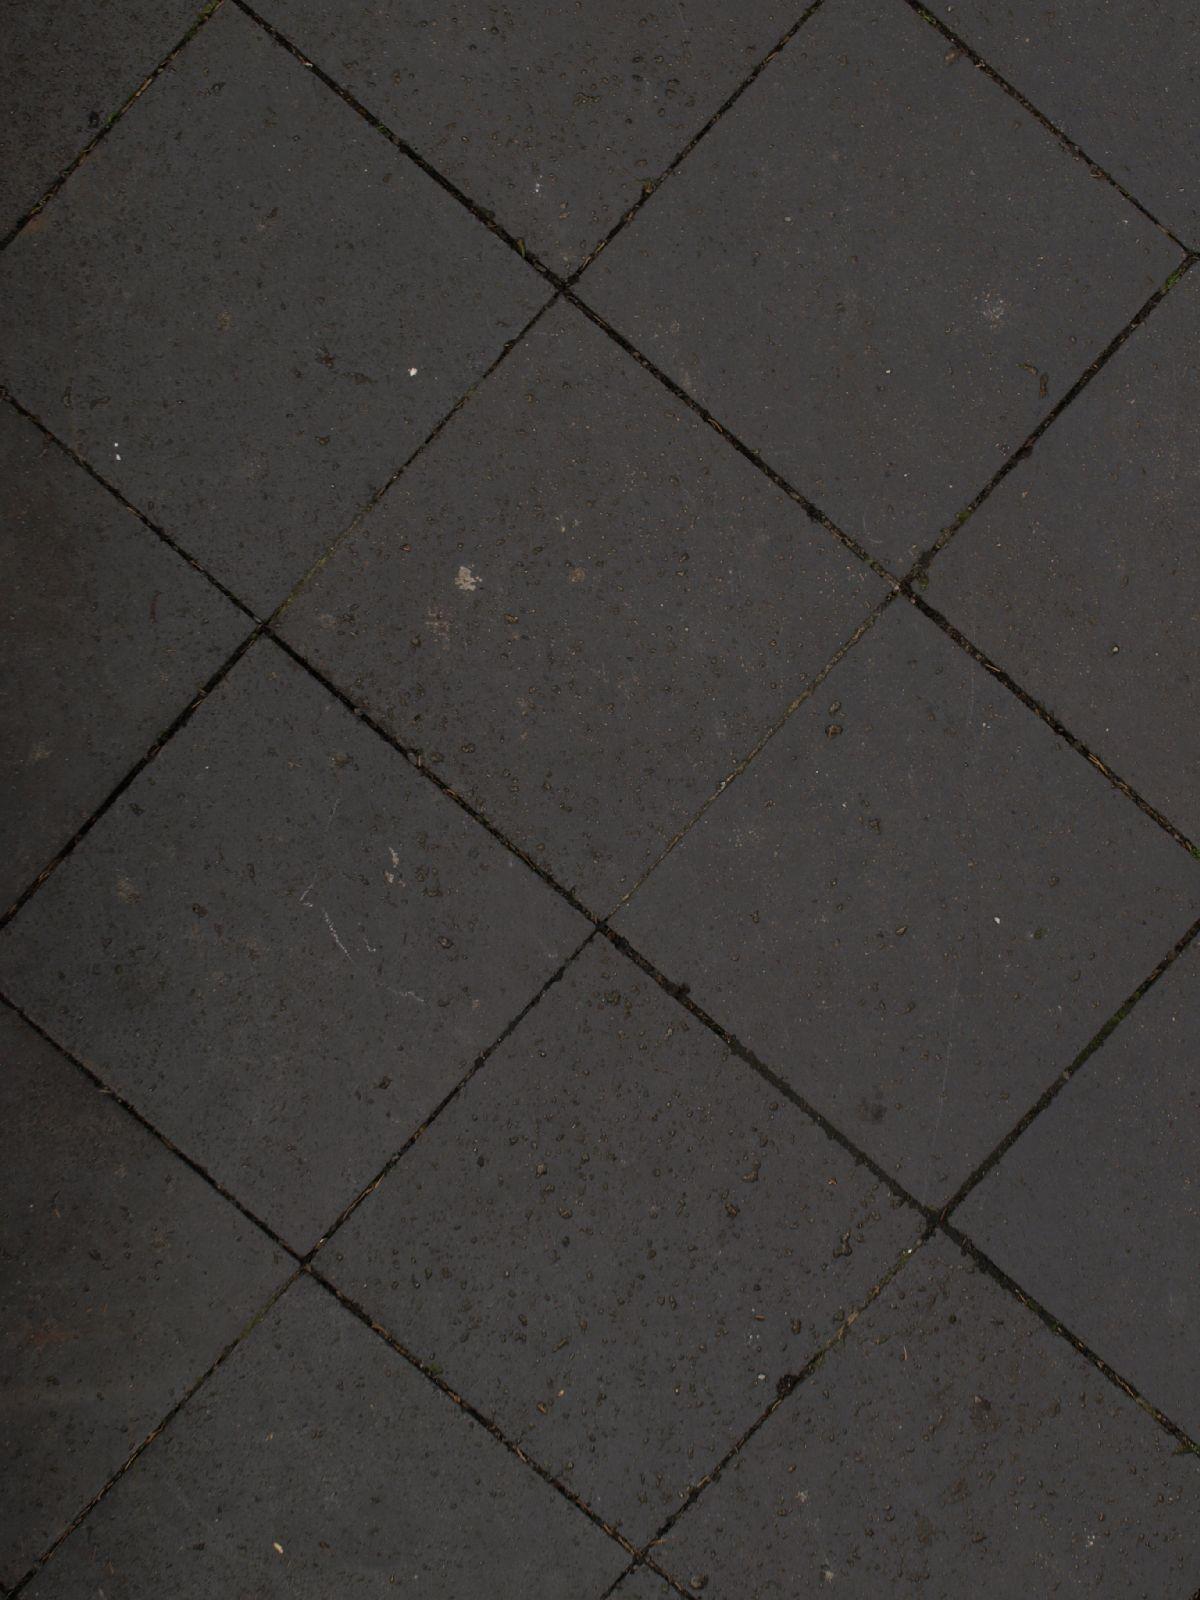 Ground-Urban_Texture_A_P4110624